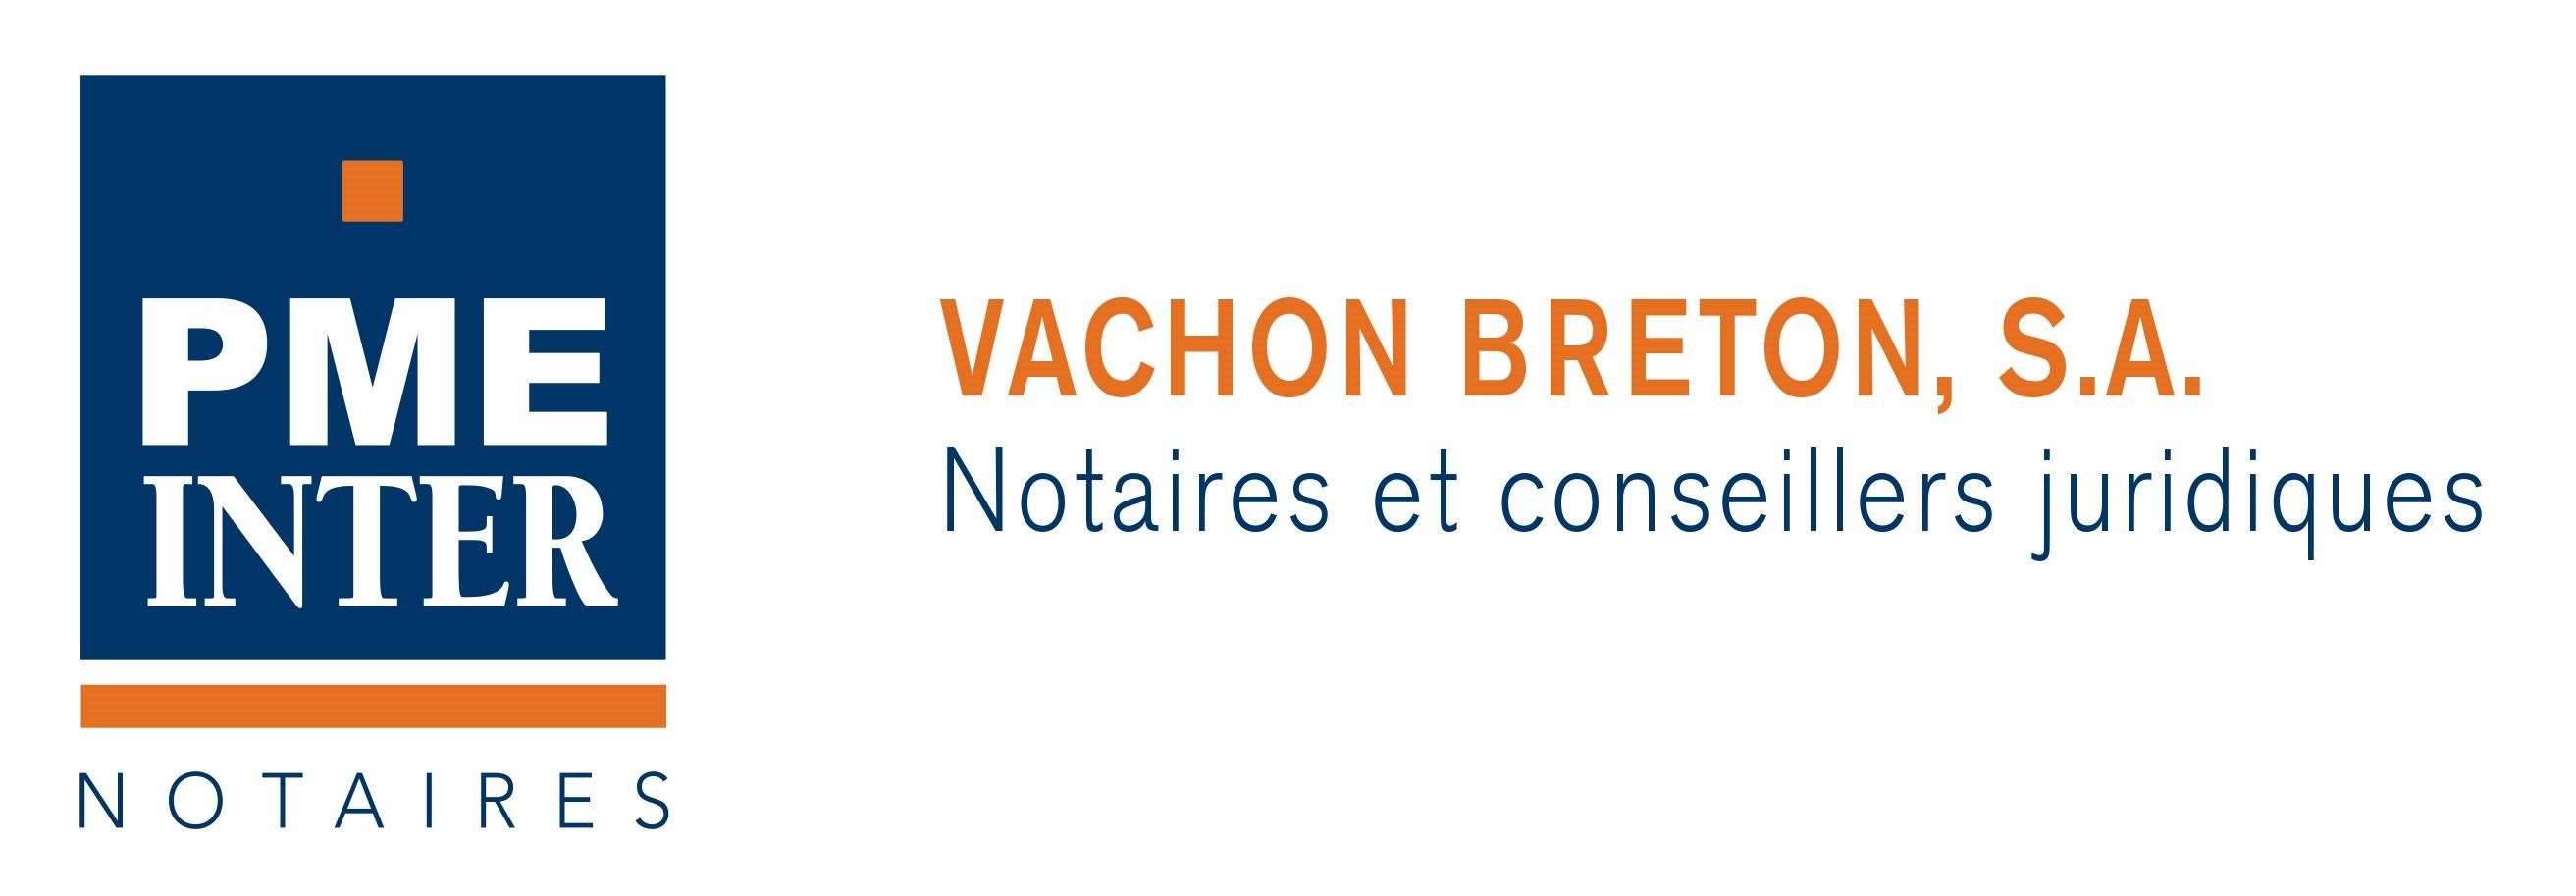 Vachon Breton